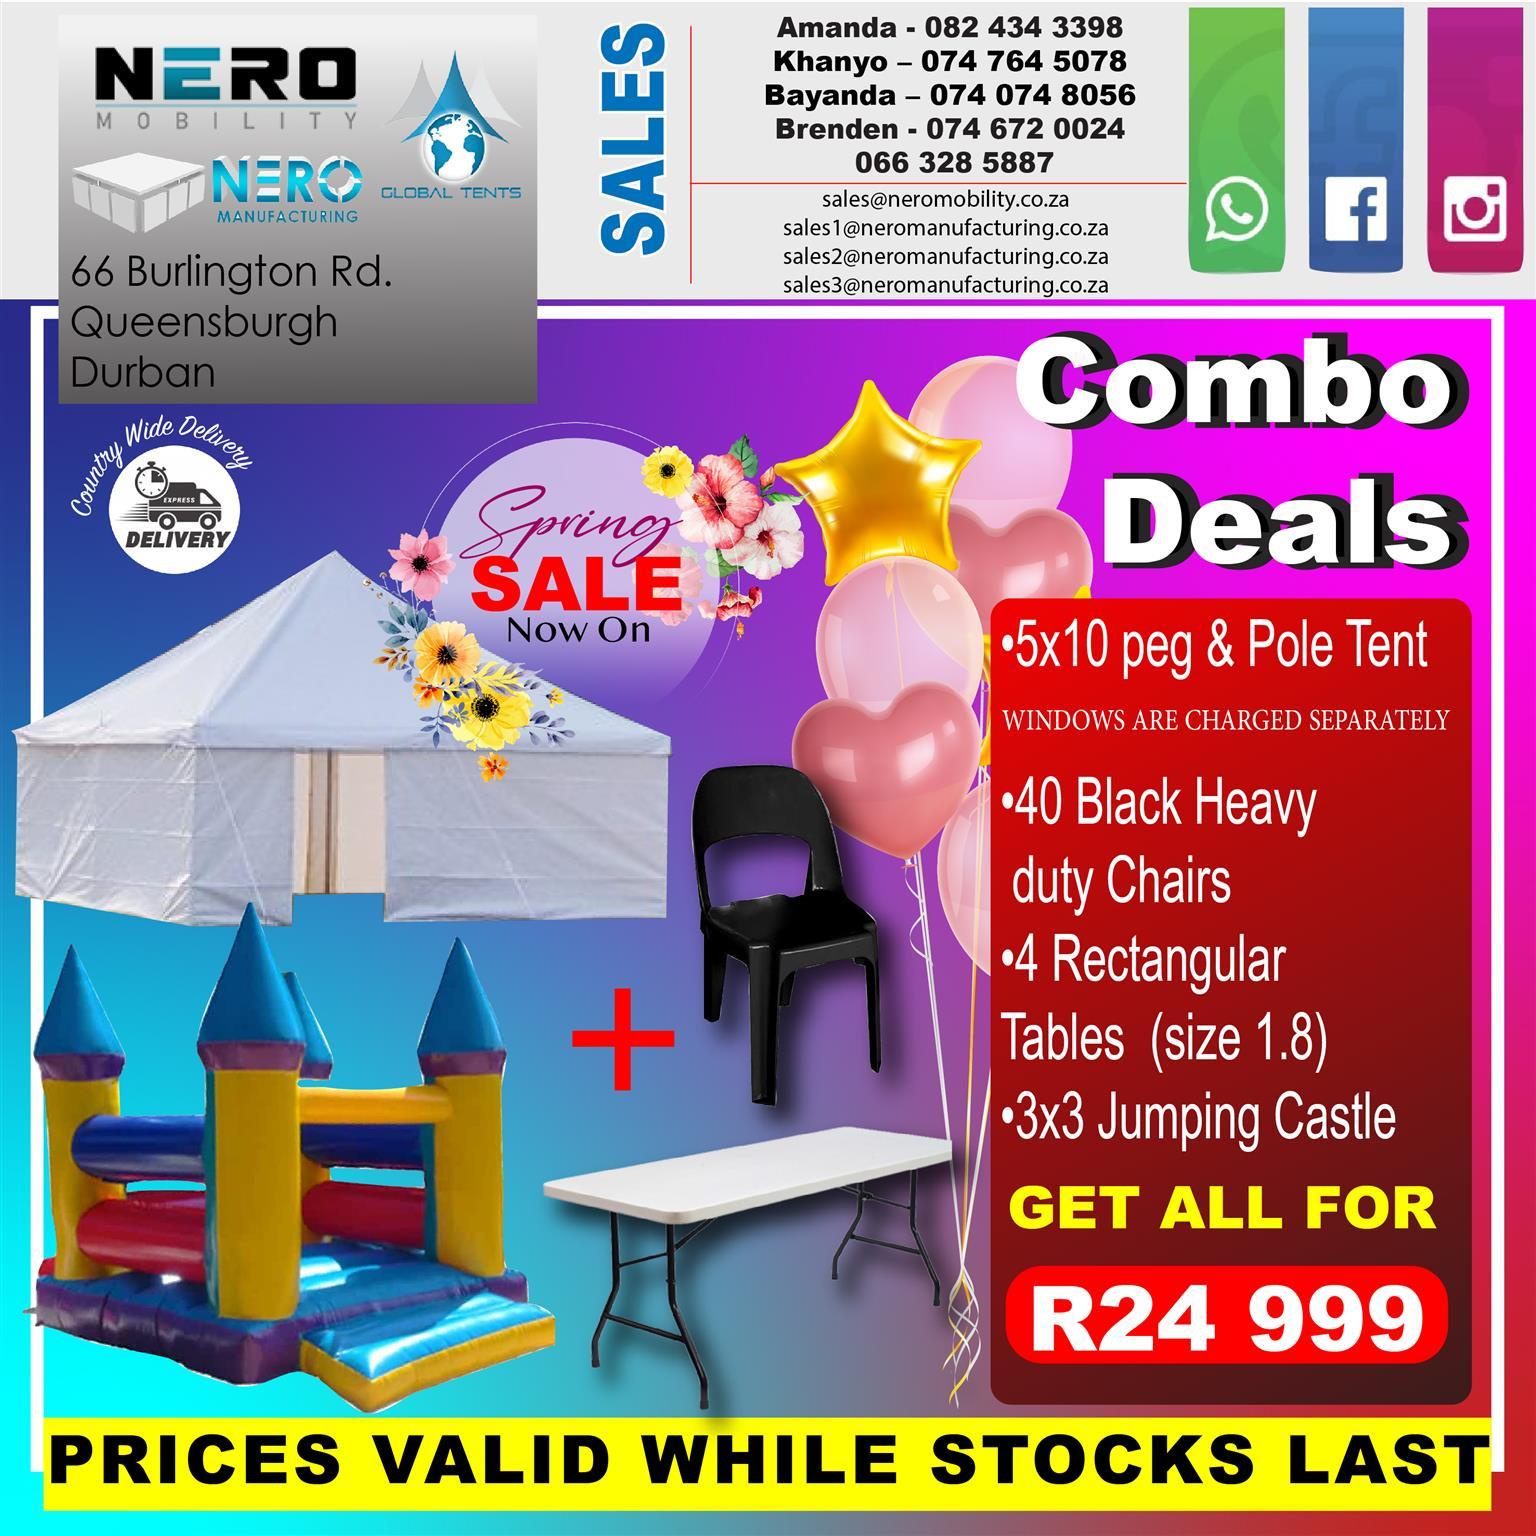 Peg & pole combo deals